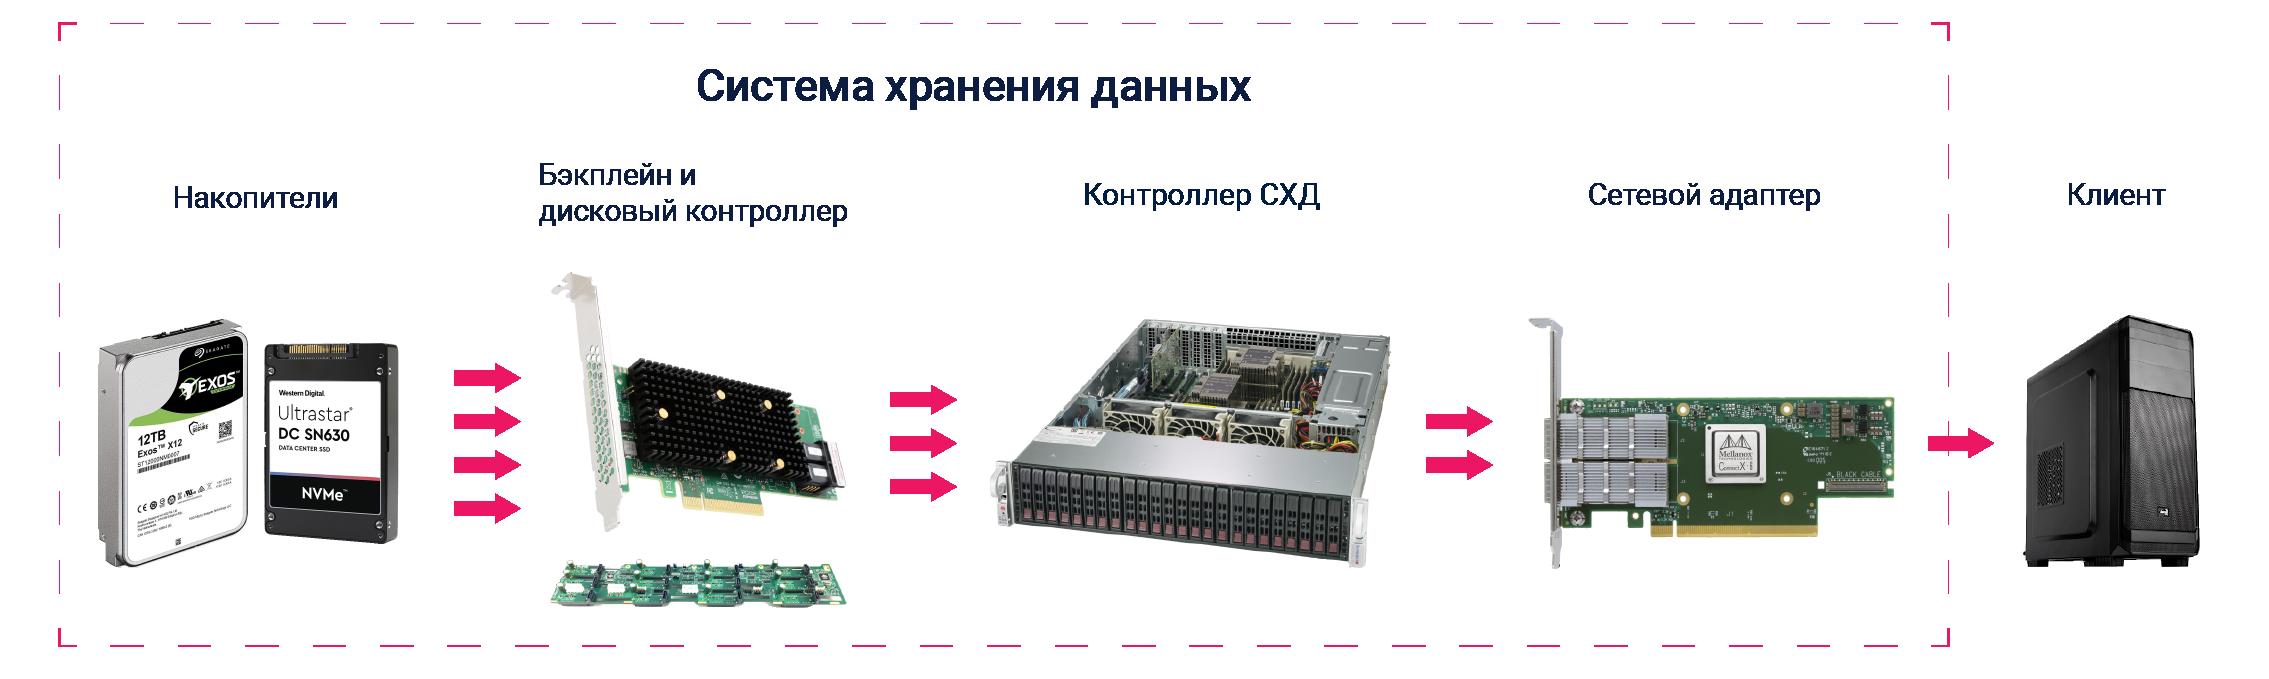 Основные компоненты оборудования в современной СХД